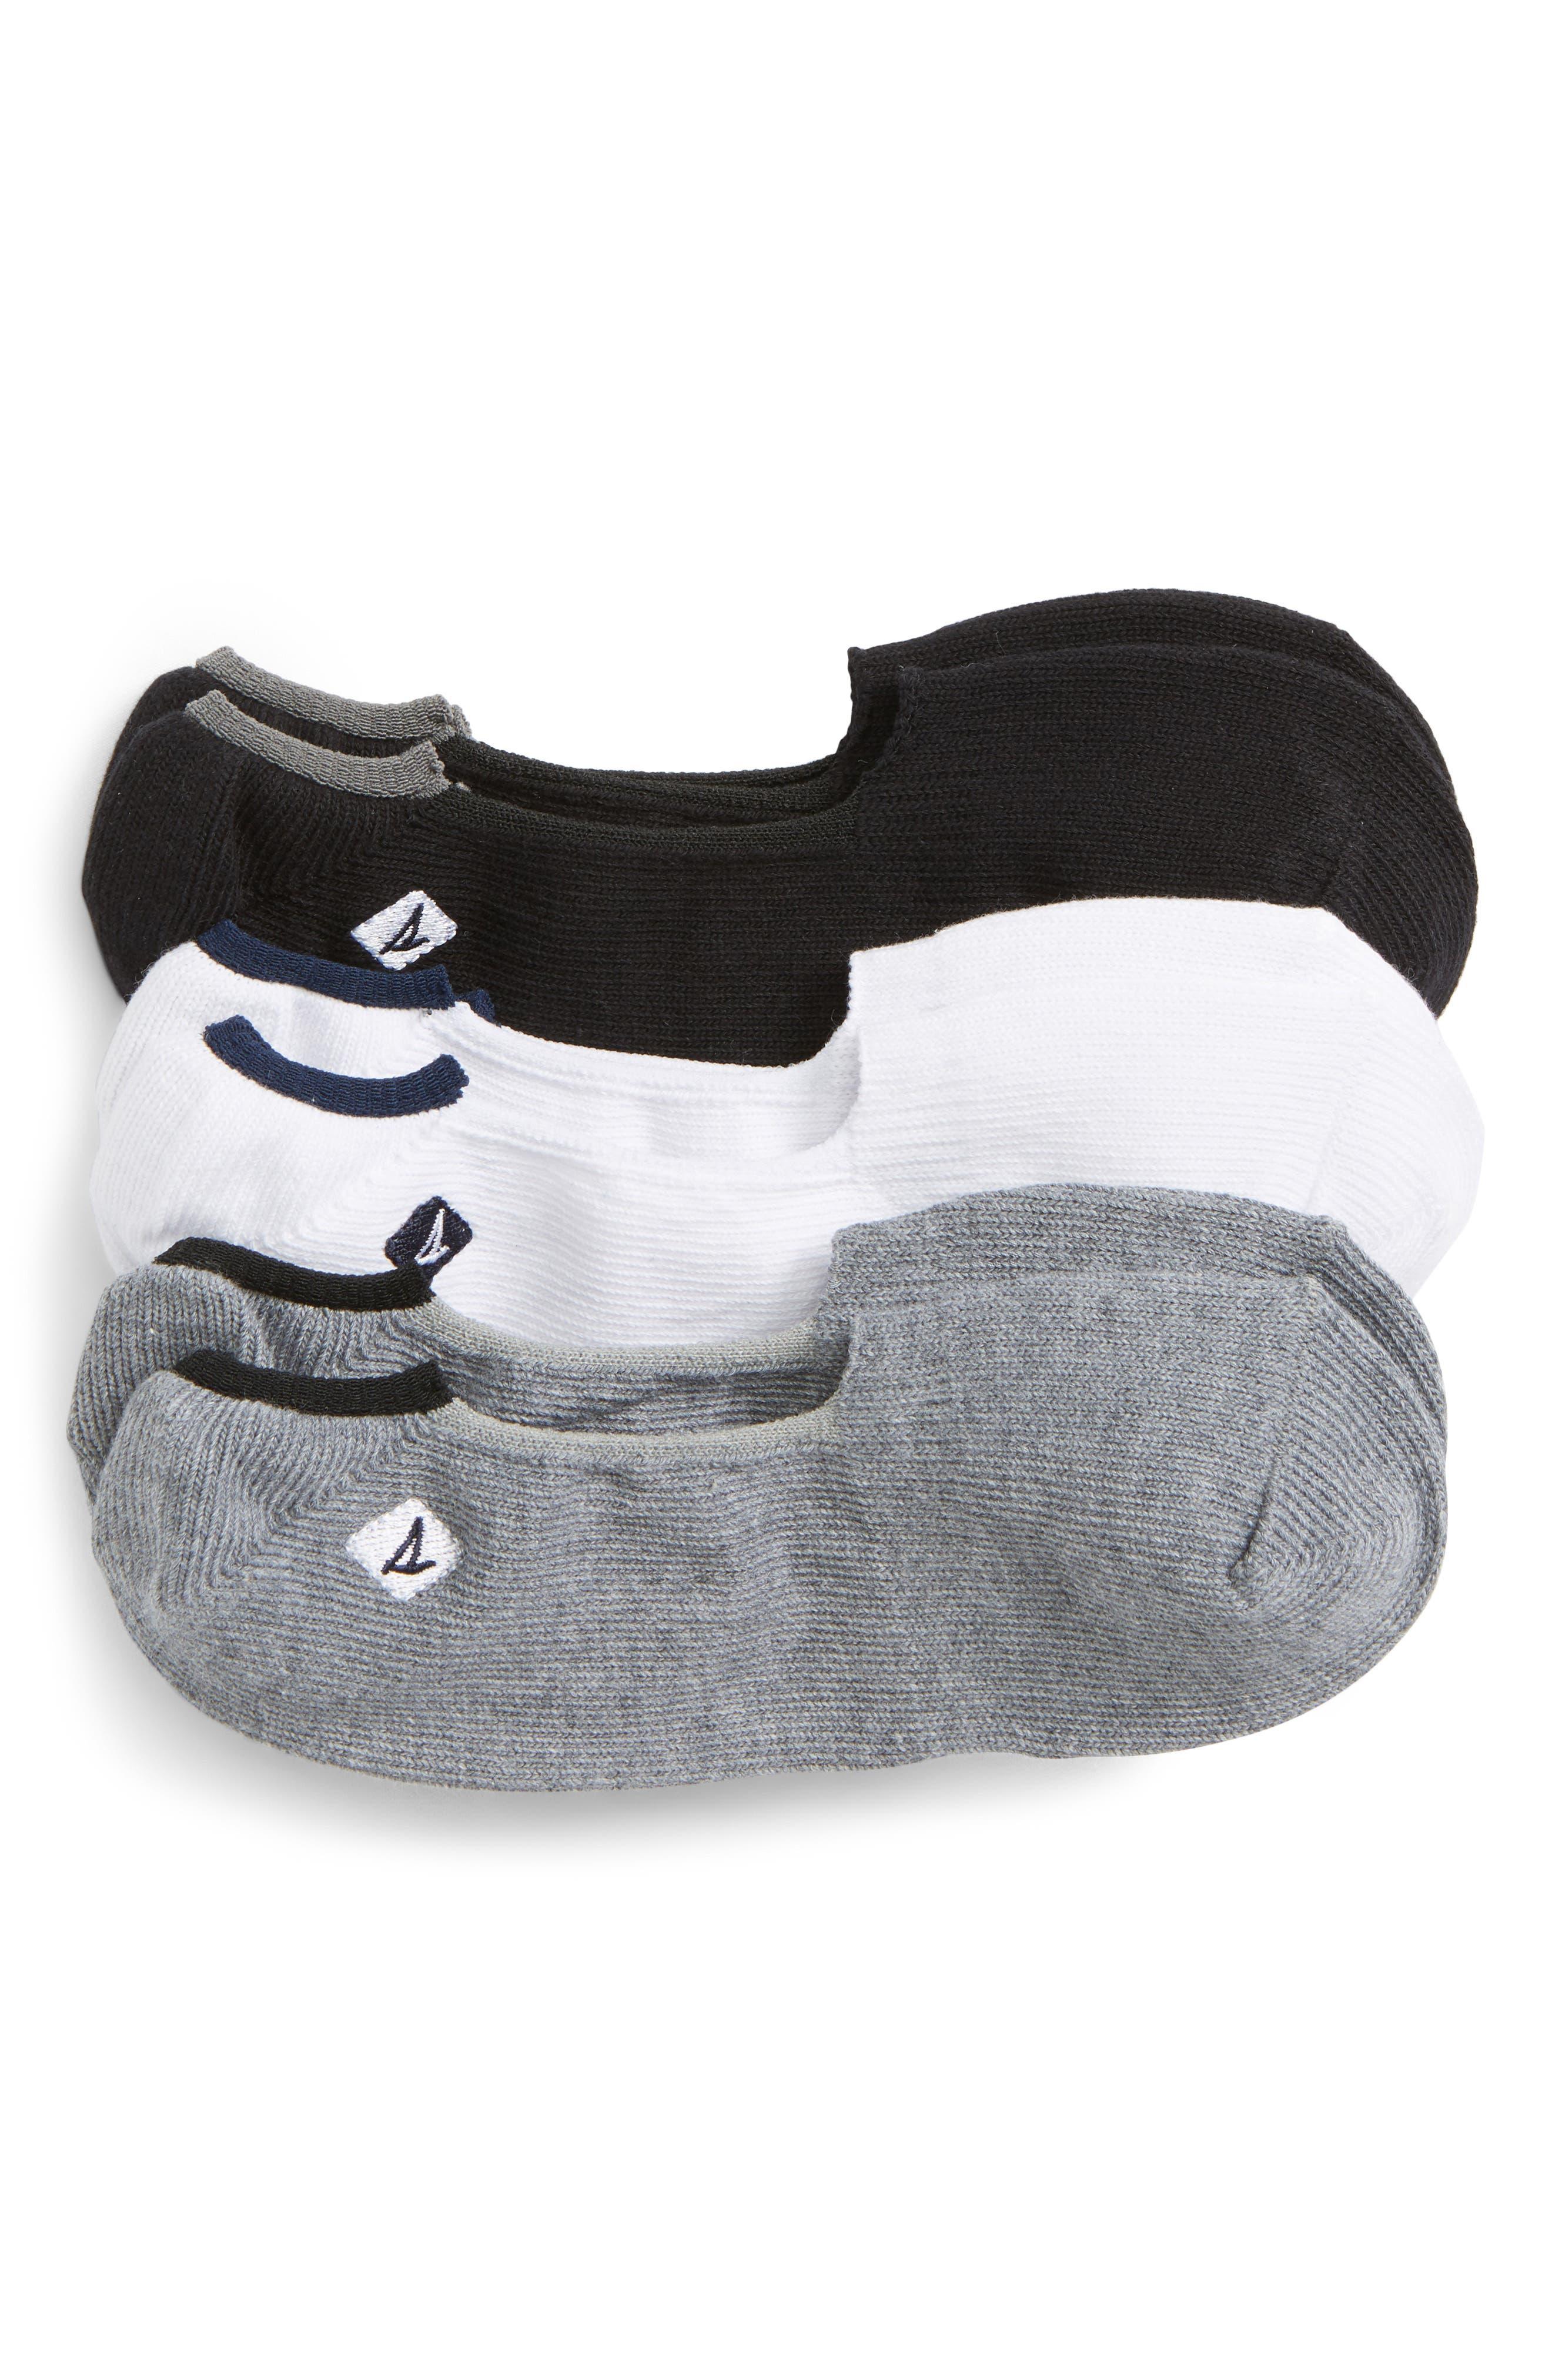 Sperry Skimmer 3-Pack Liner Socks